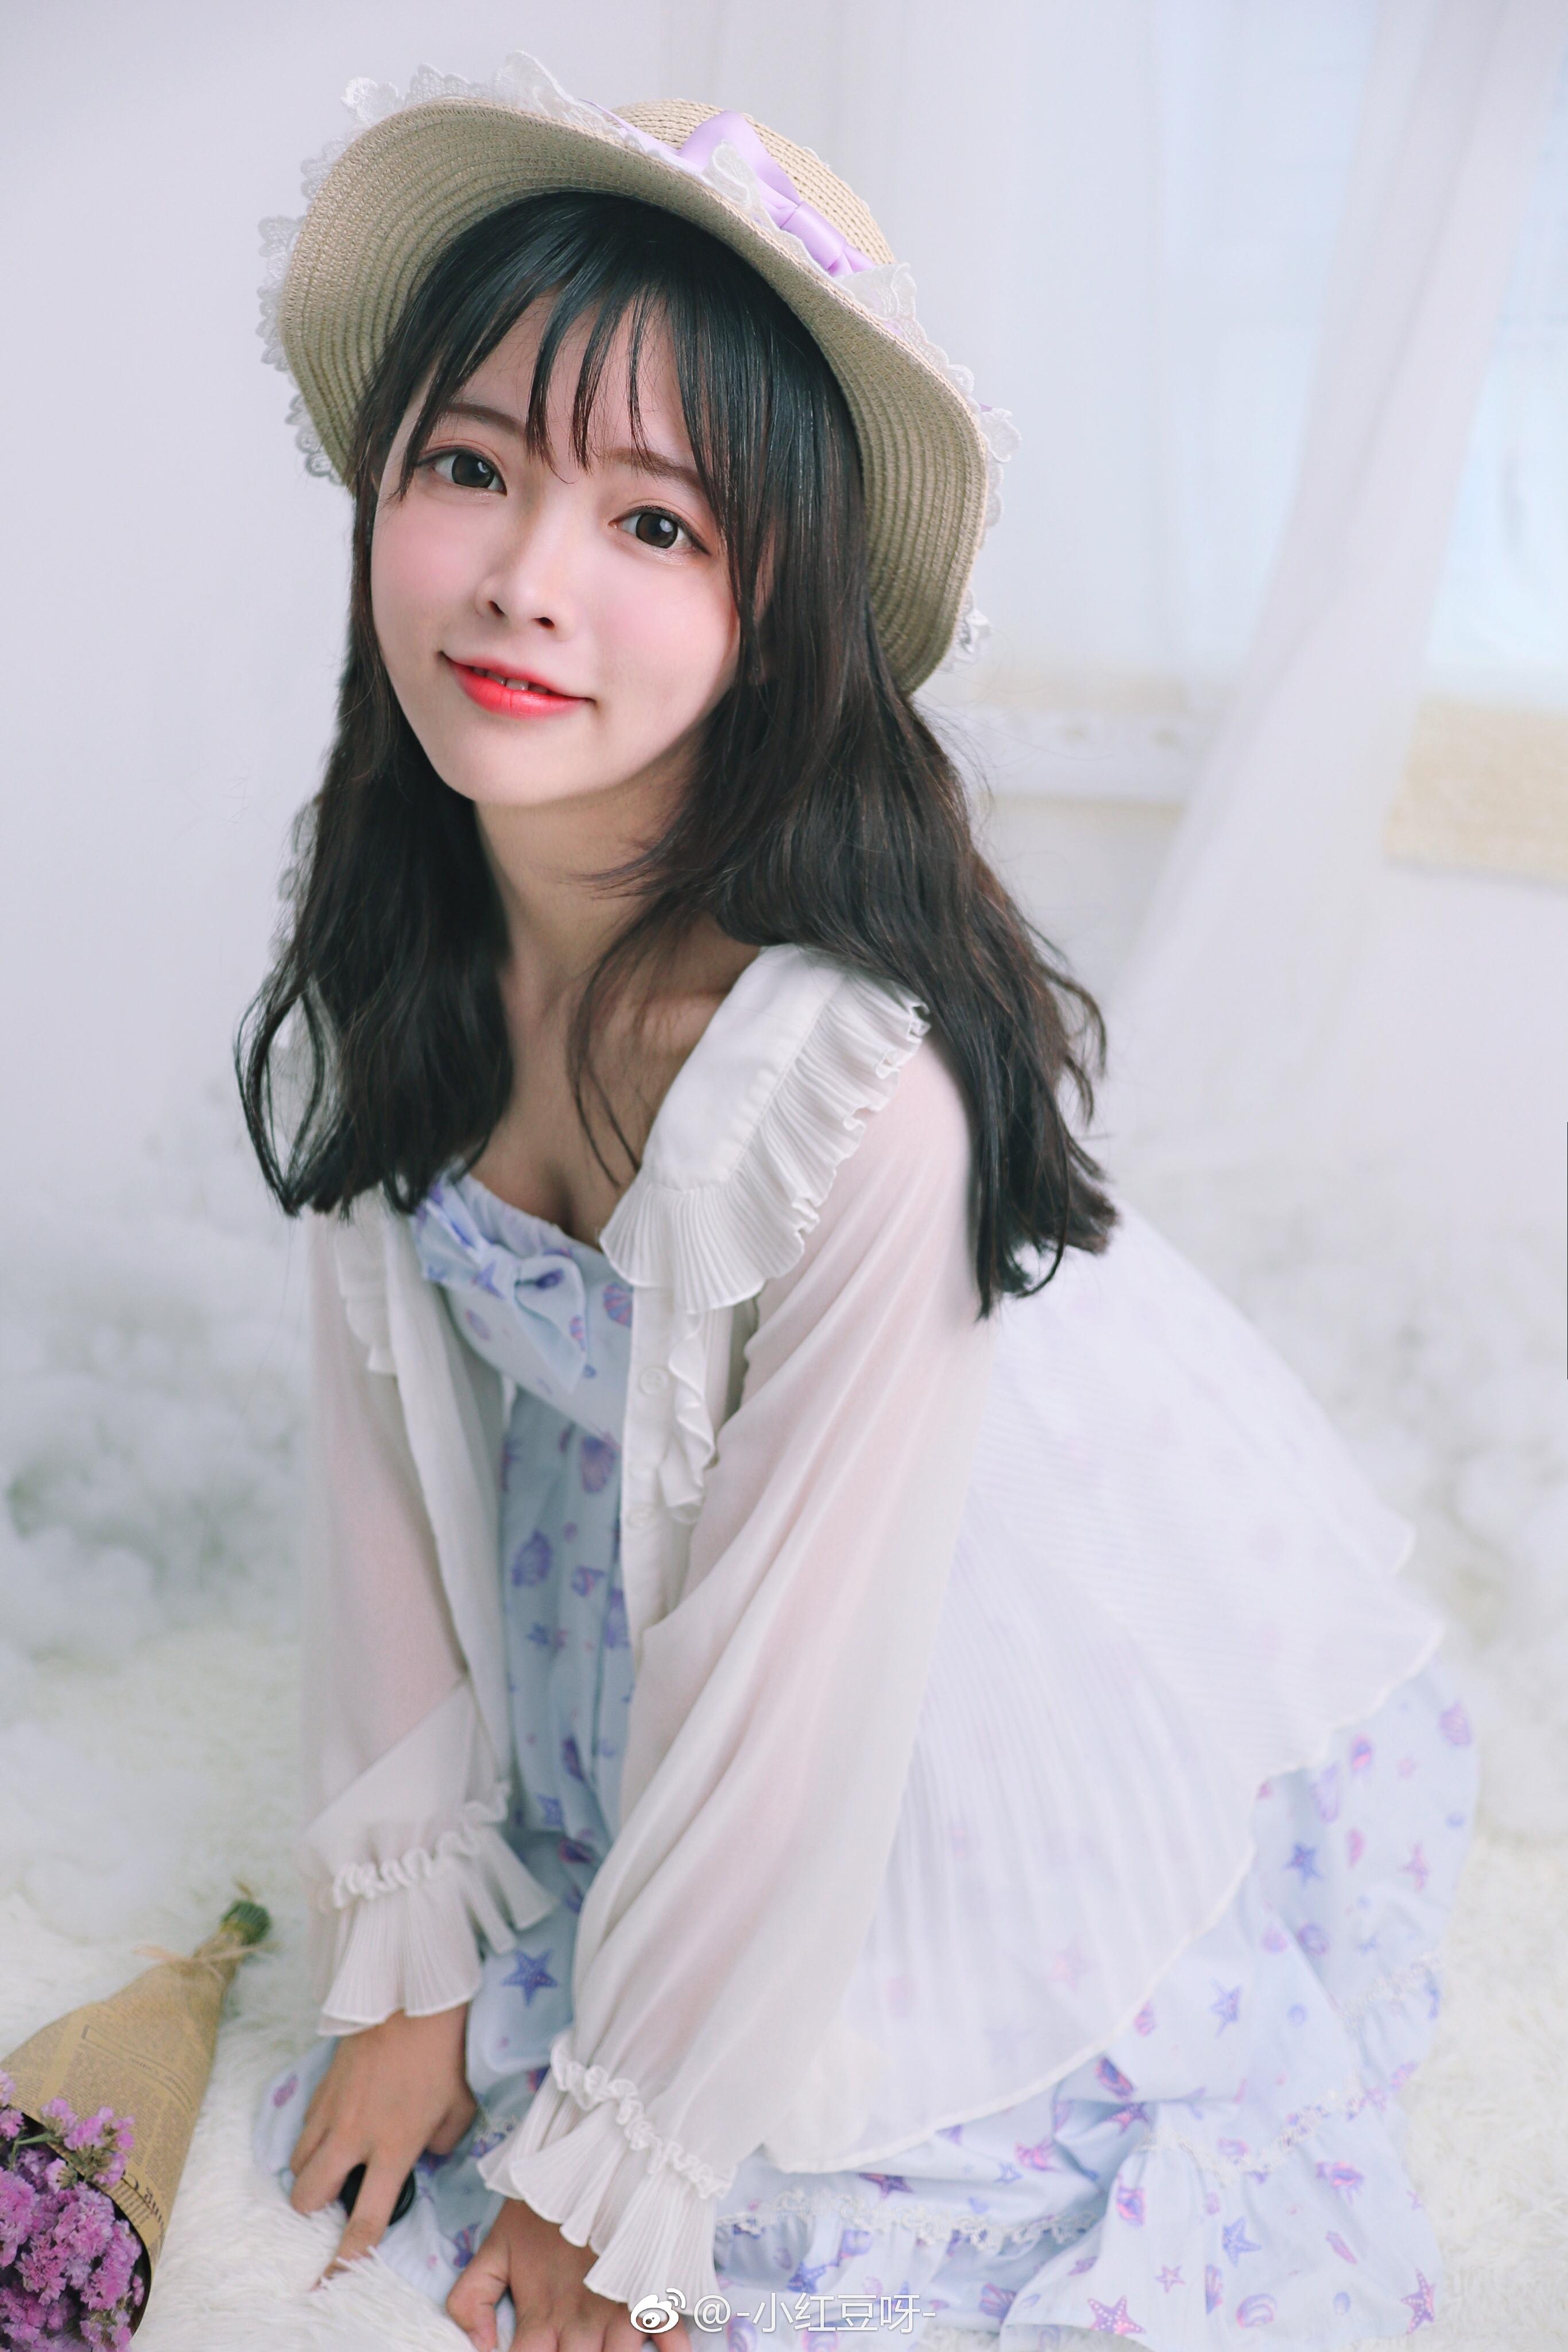 真正的萌妹子@小红豆呀,像小仙女一样 美女写真-第6张